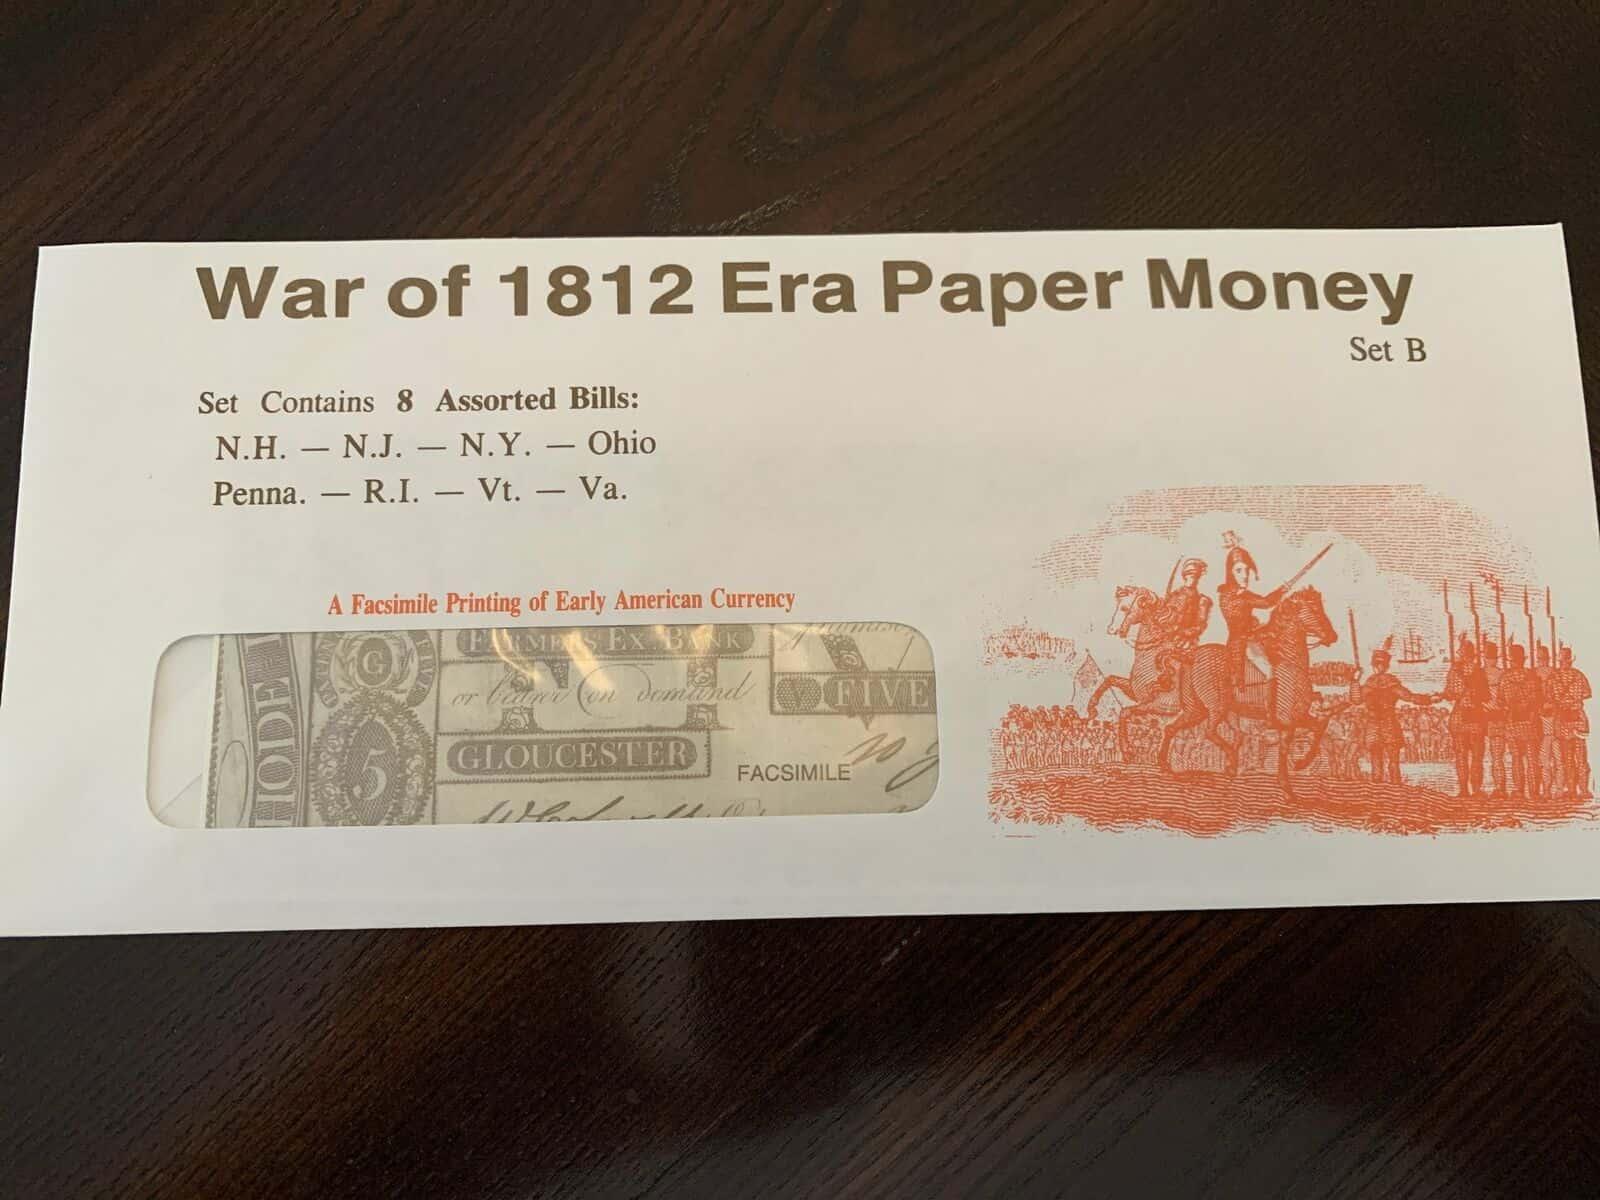 War of 1812 Replica Facsimiles - Set B